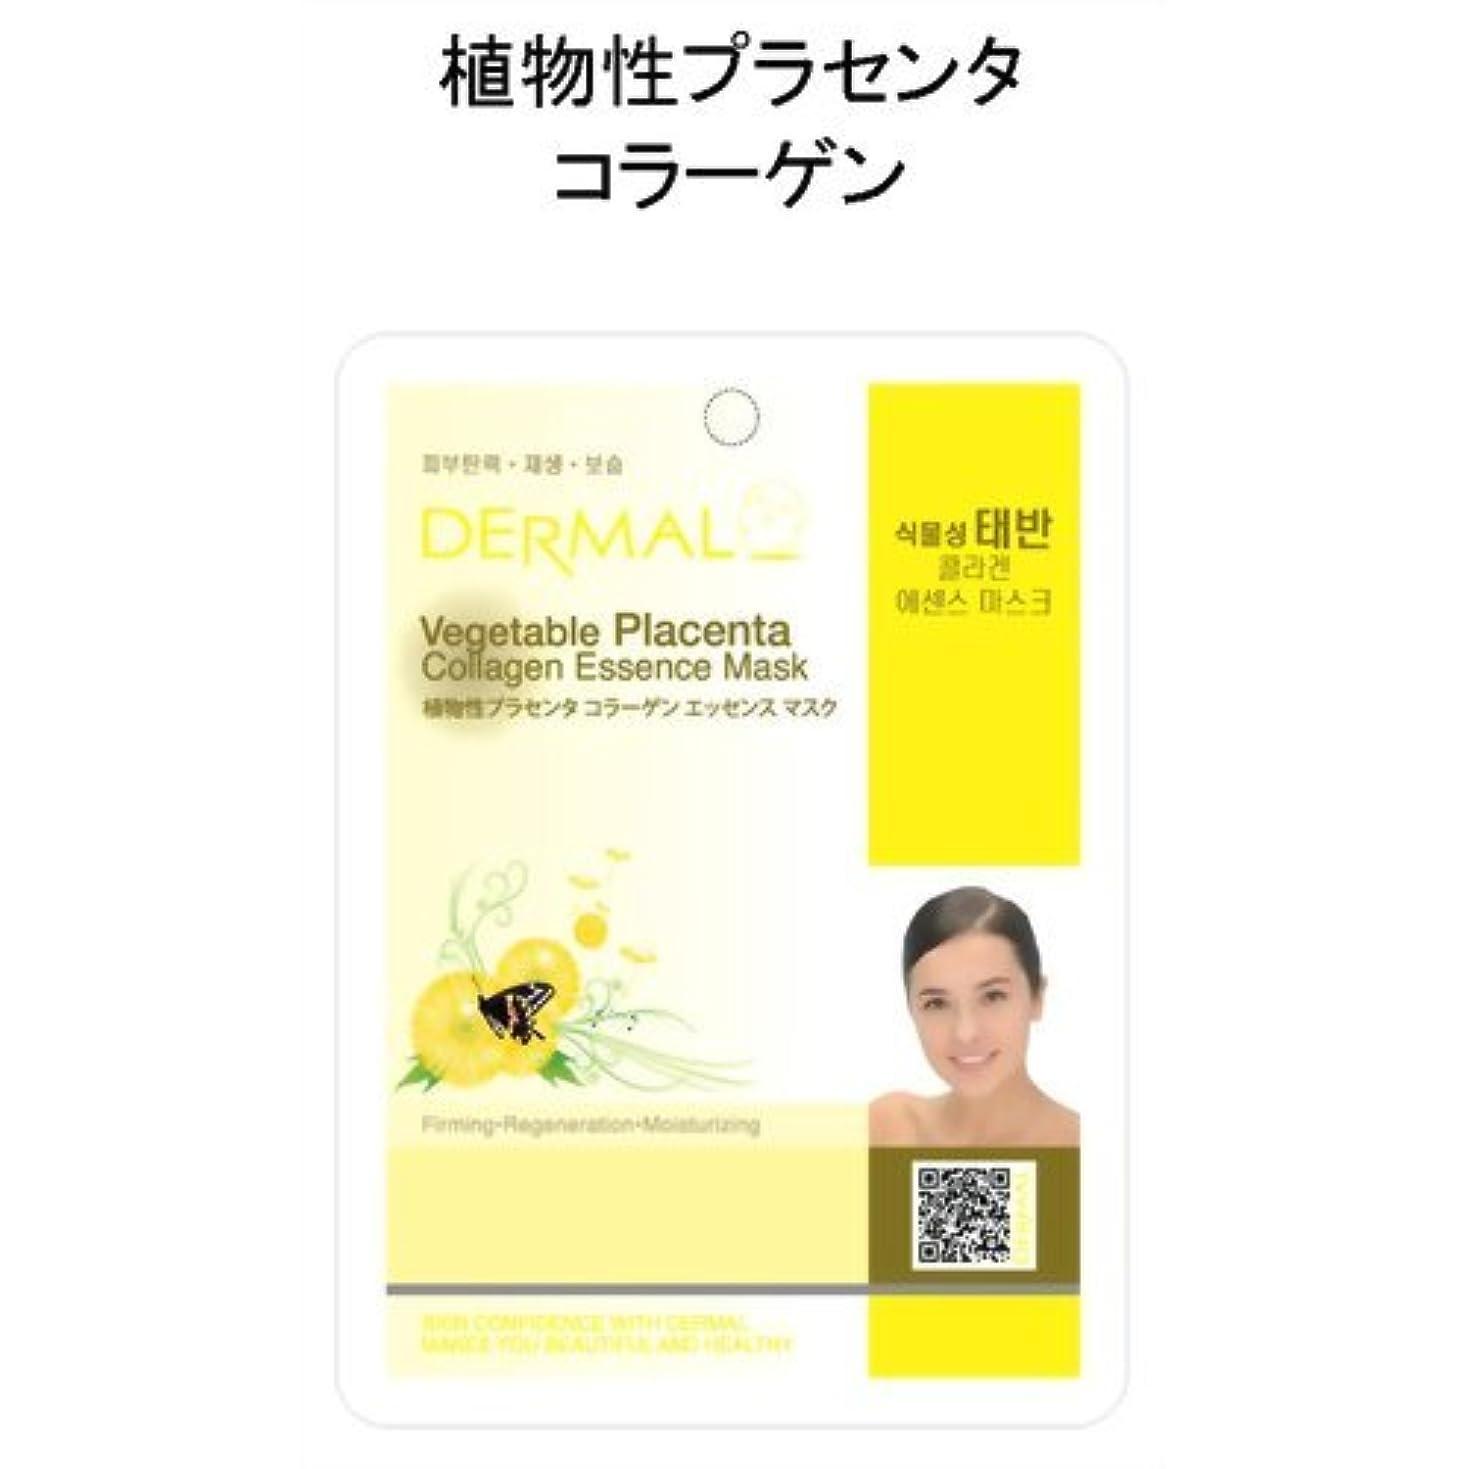 会話製品フライカイト新DERMAL ダーマル シートマスク 植物プラセンタコラーゲン 人気韓国パック